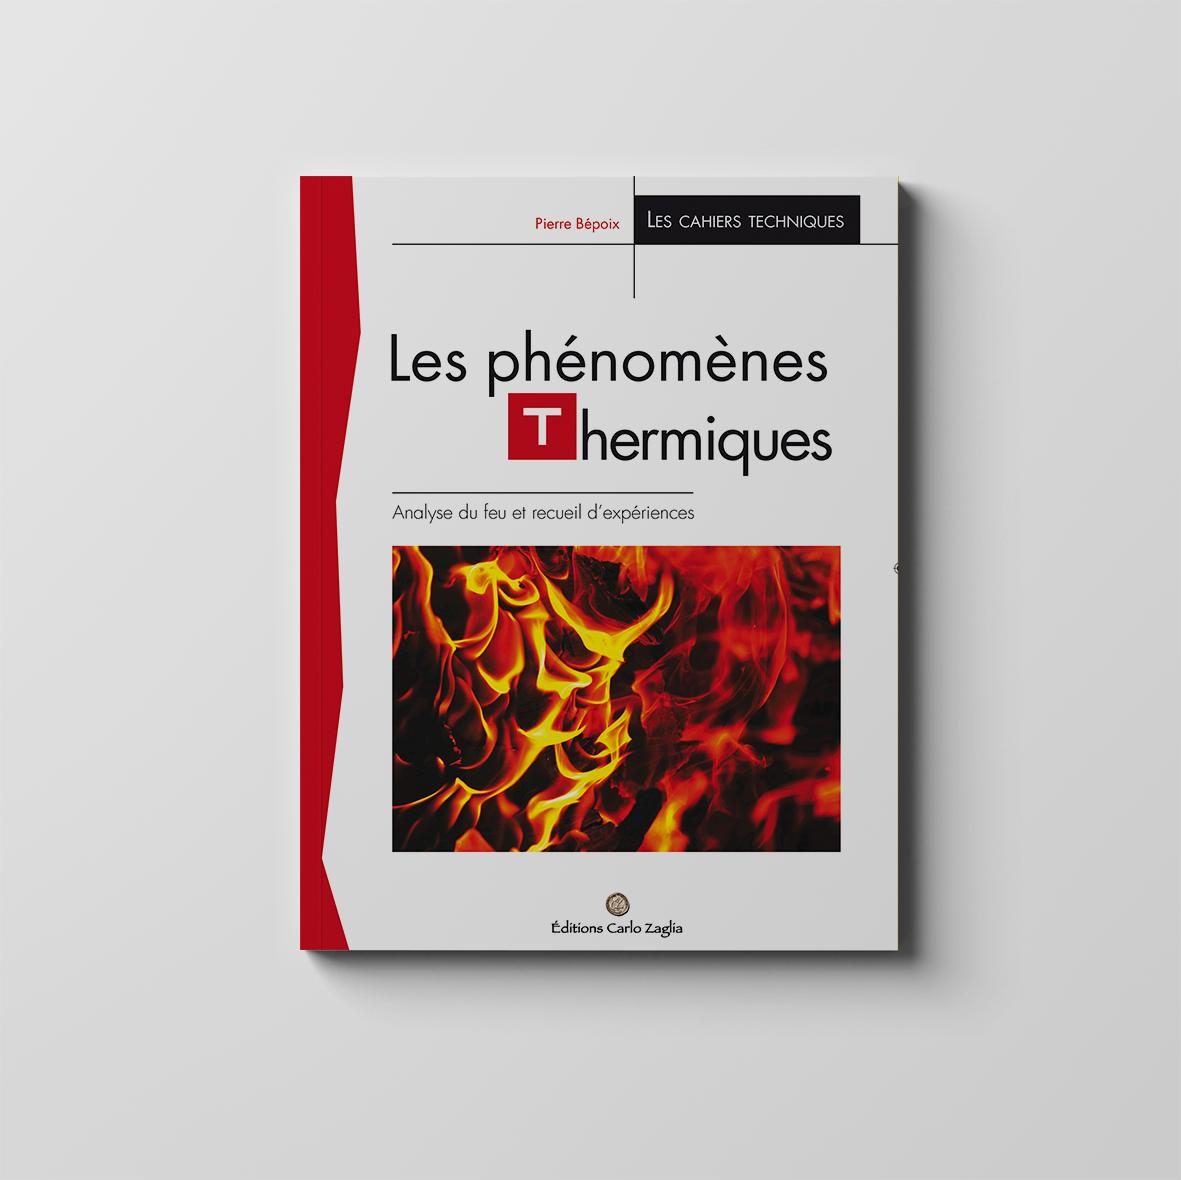 Les phénomènes thermiques